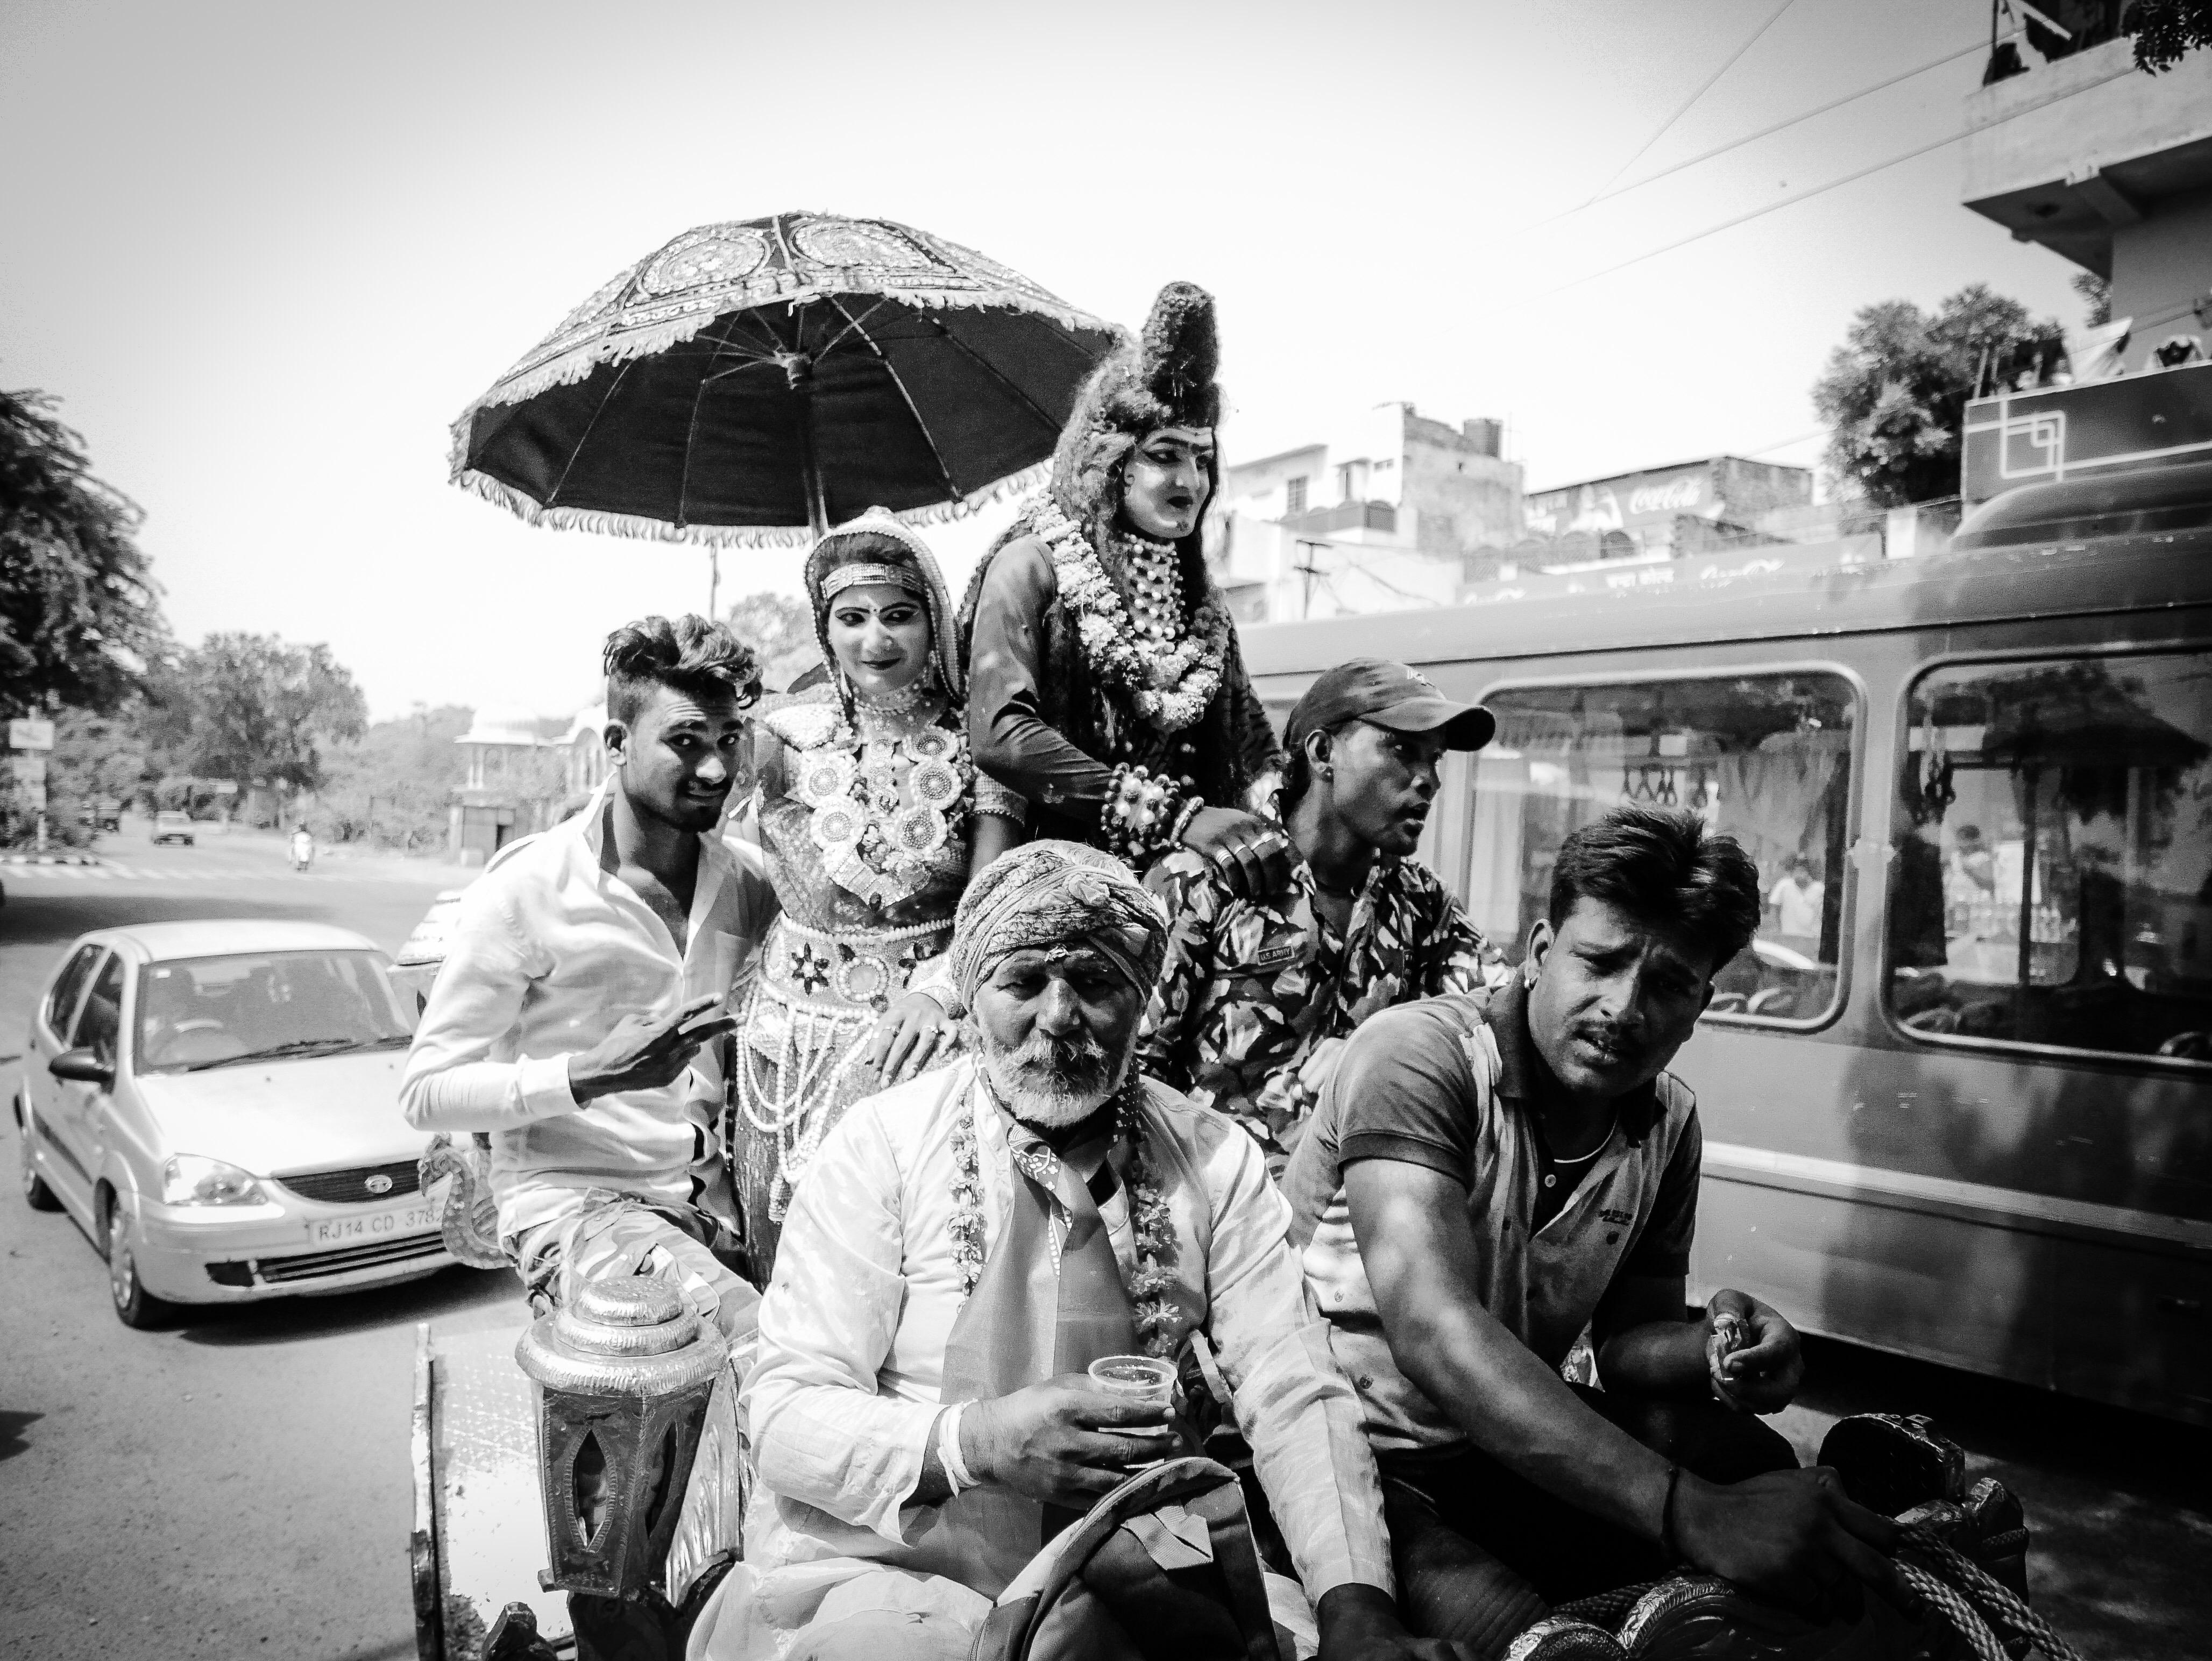 Jaipur, India, August 2018